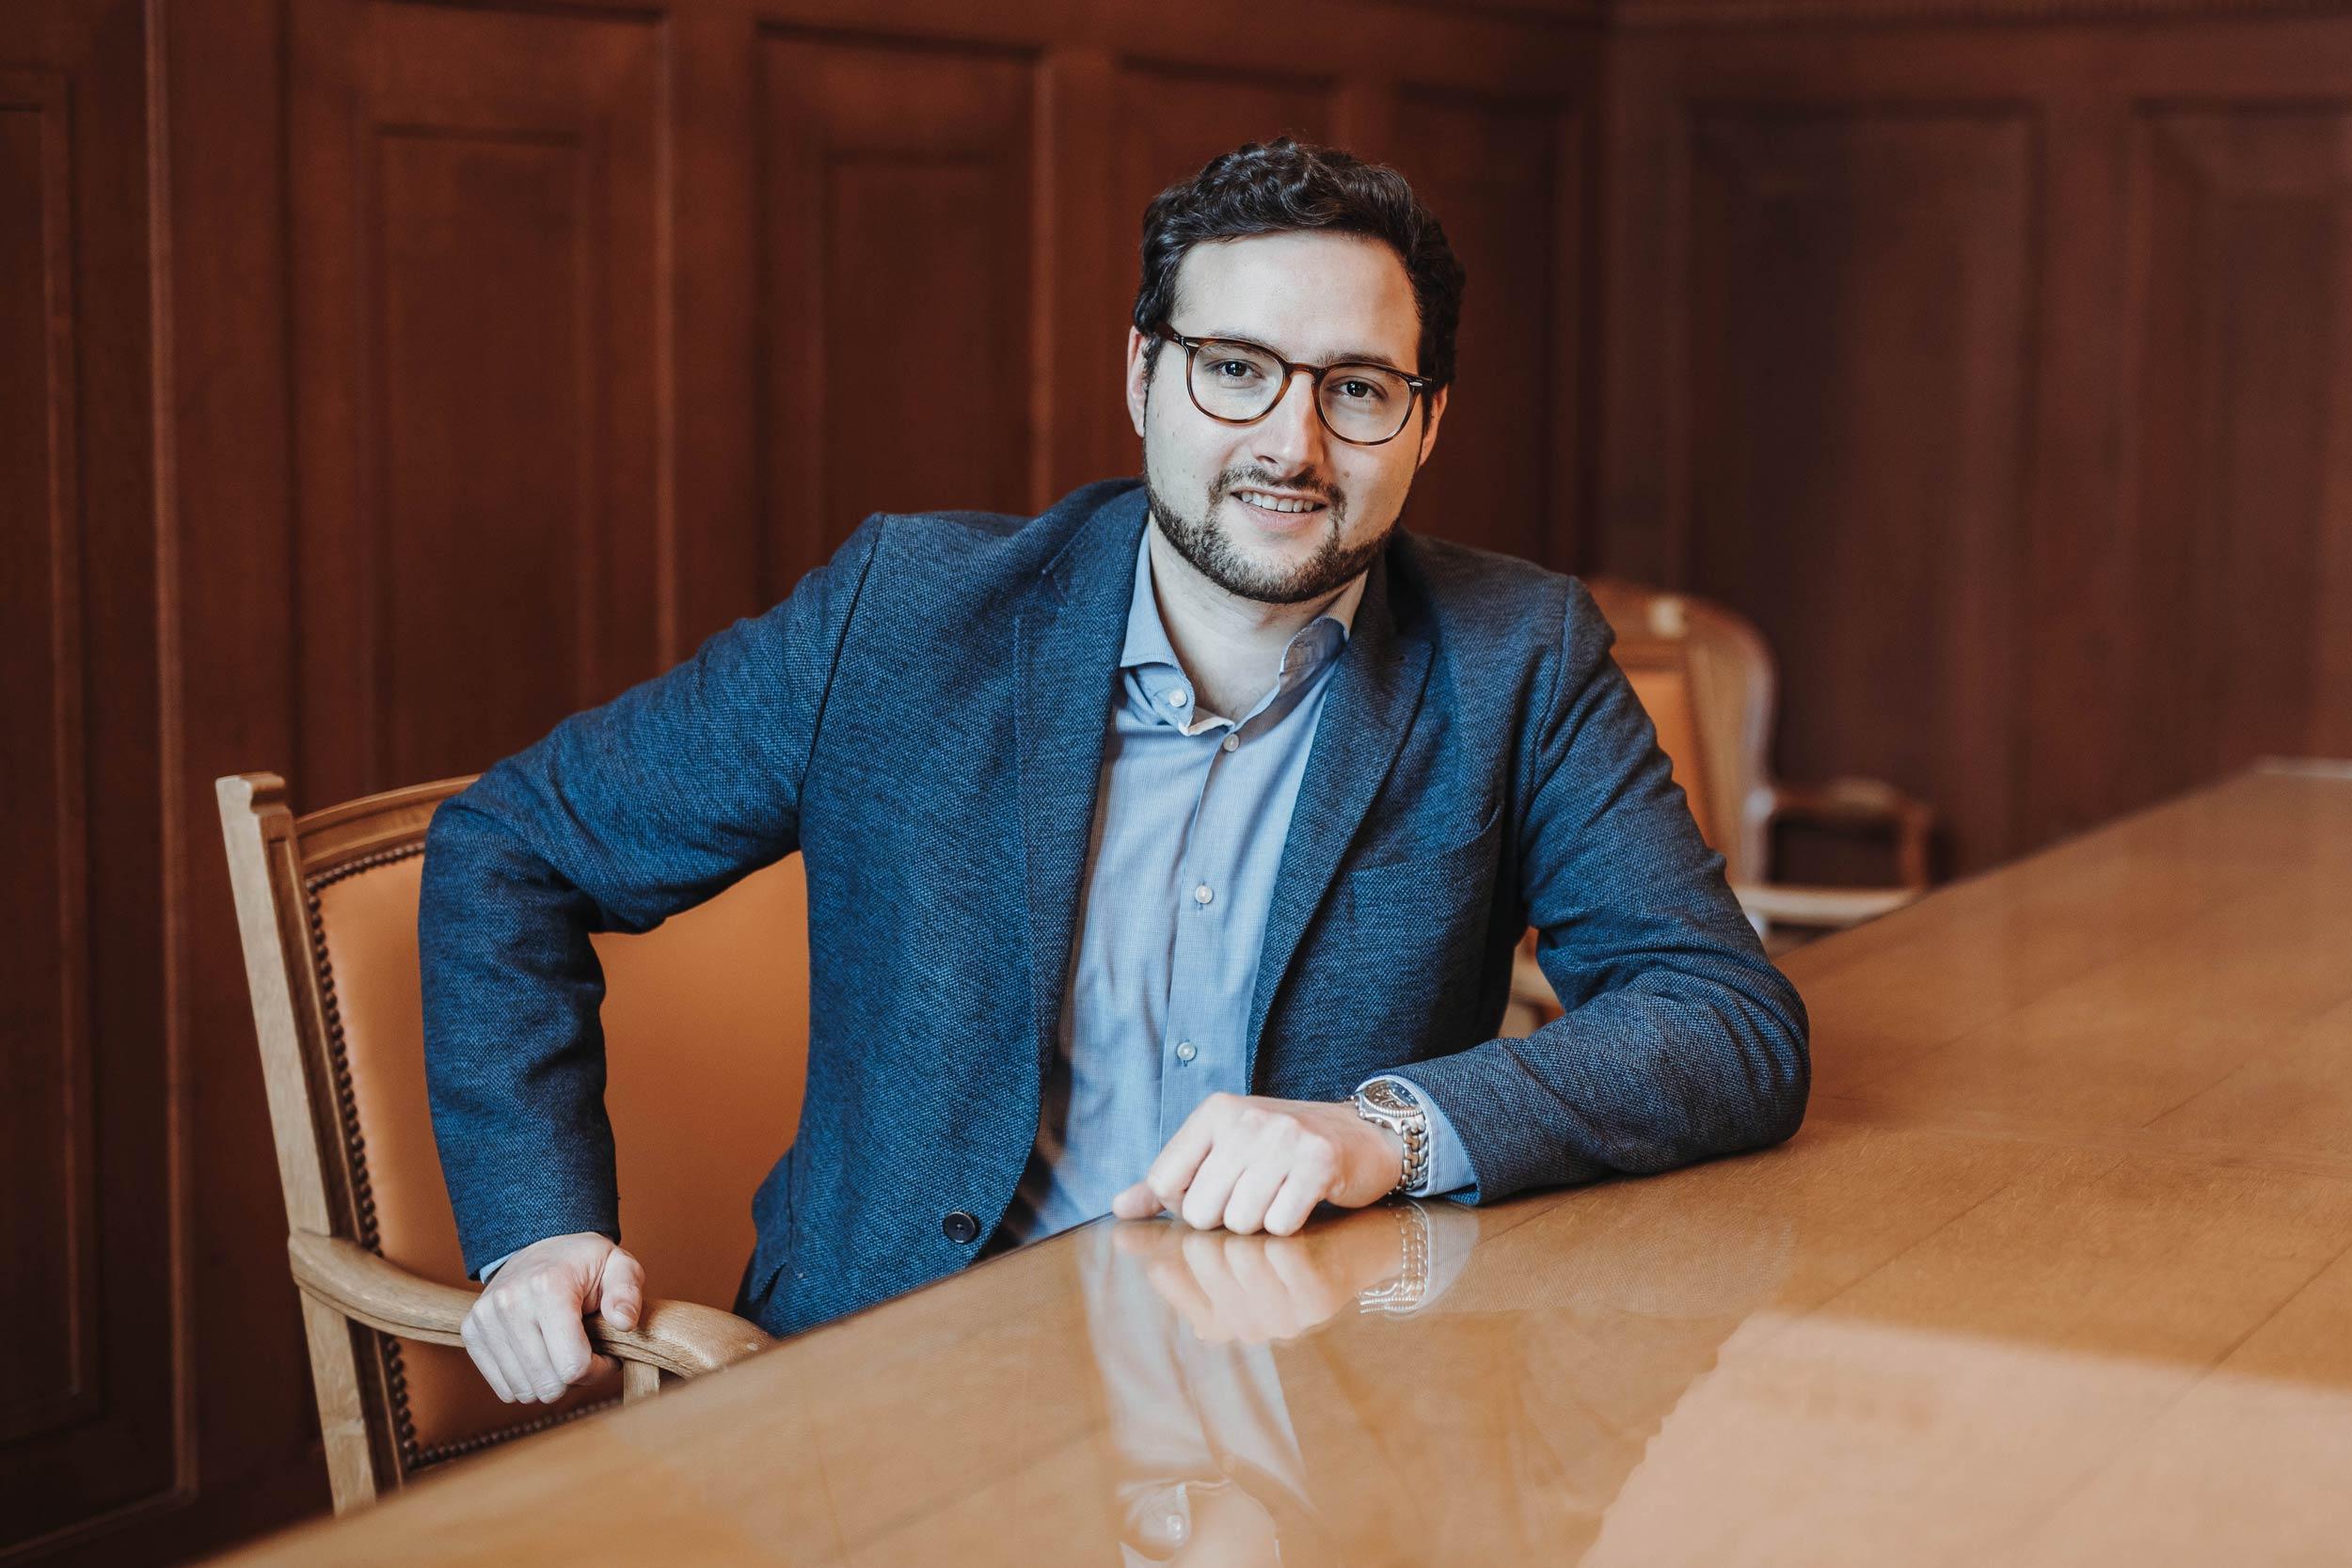 Michael Agostini